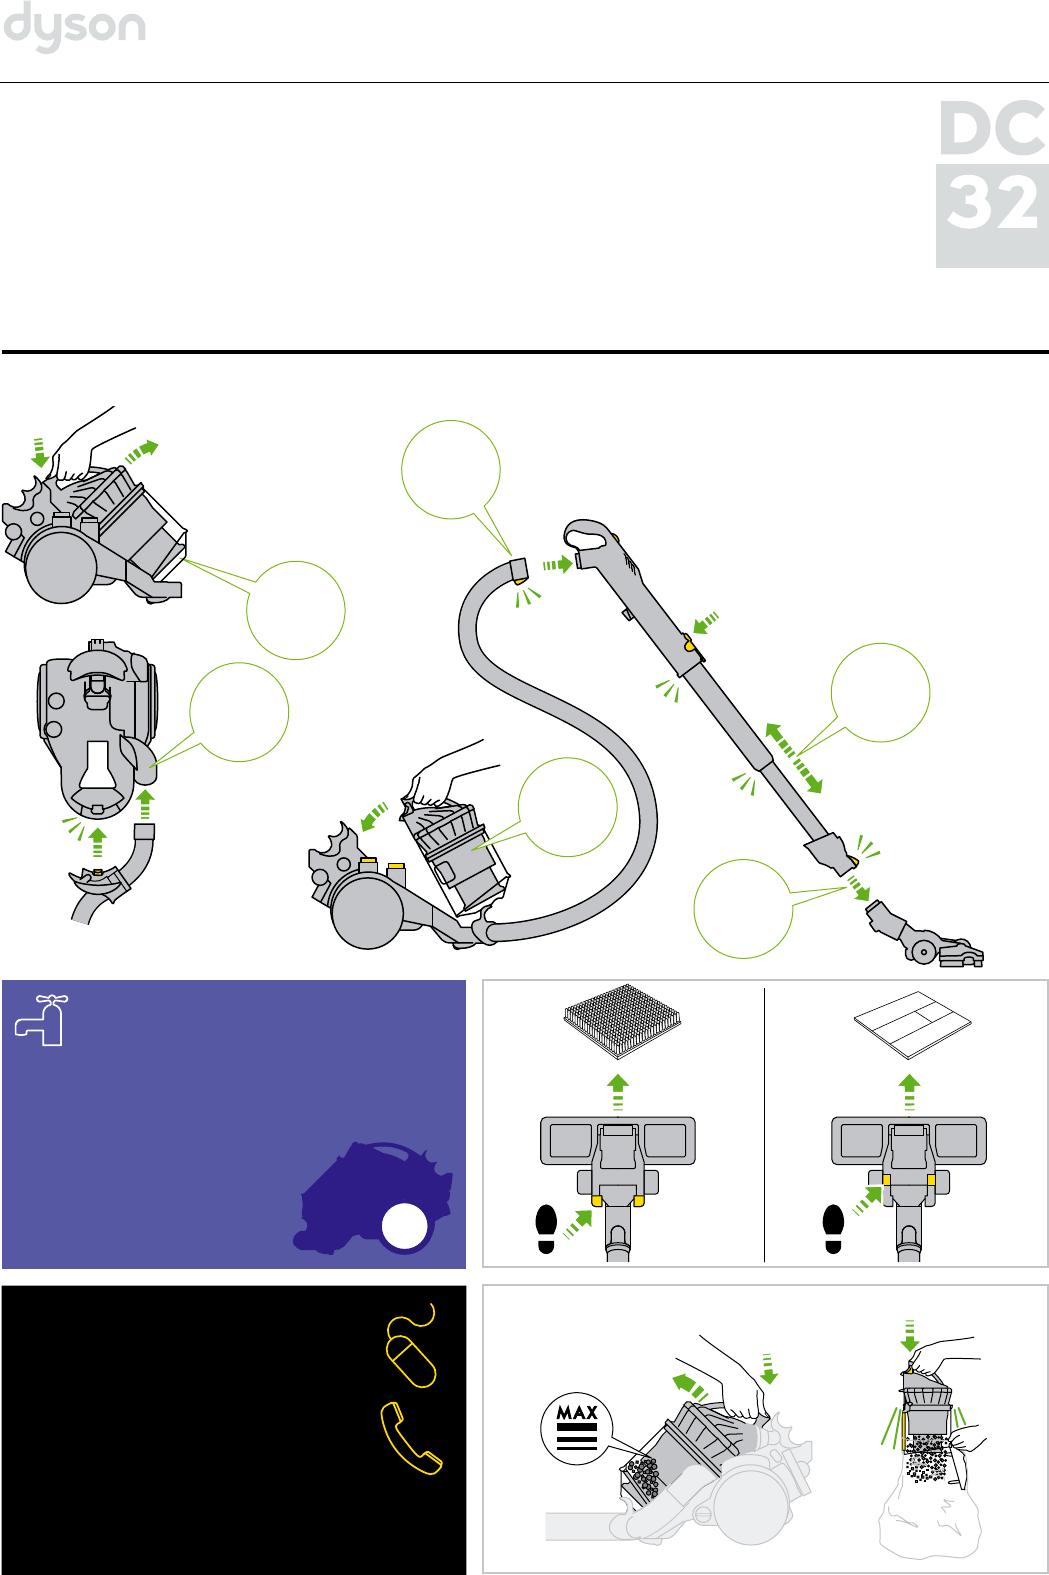 Dyson dc32 инструкция отзывы о dyson работа